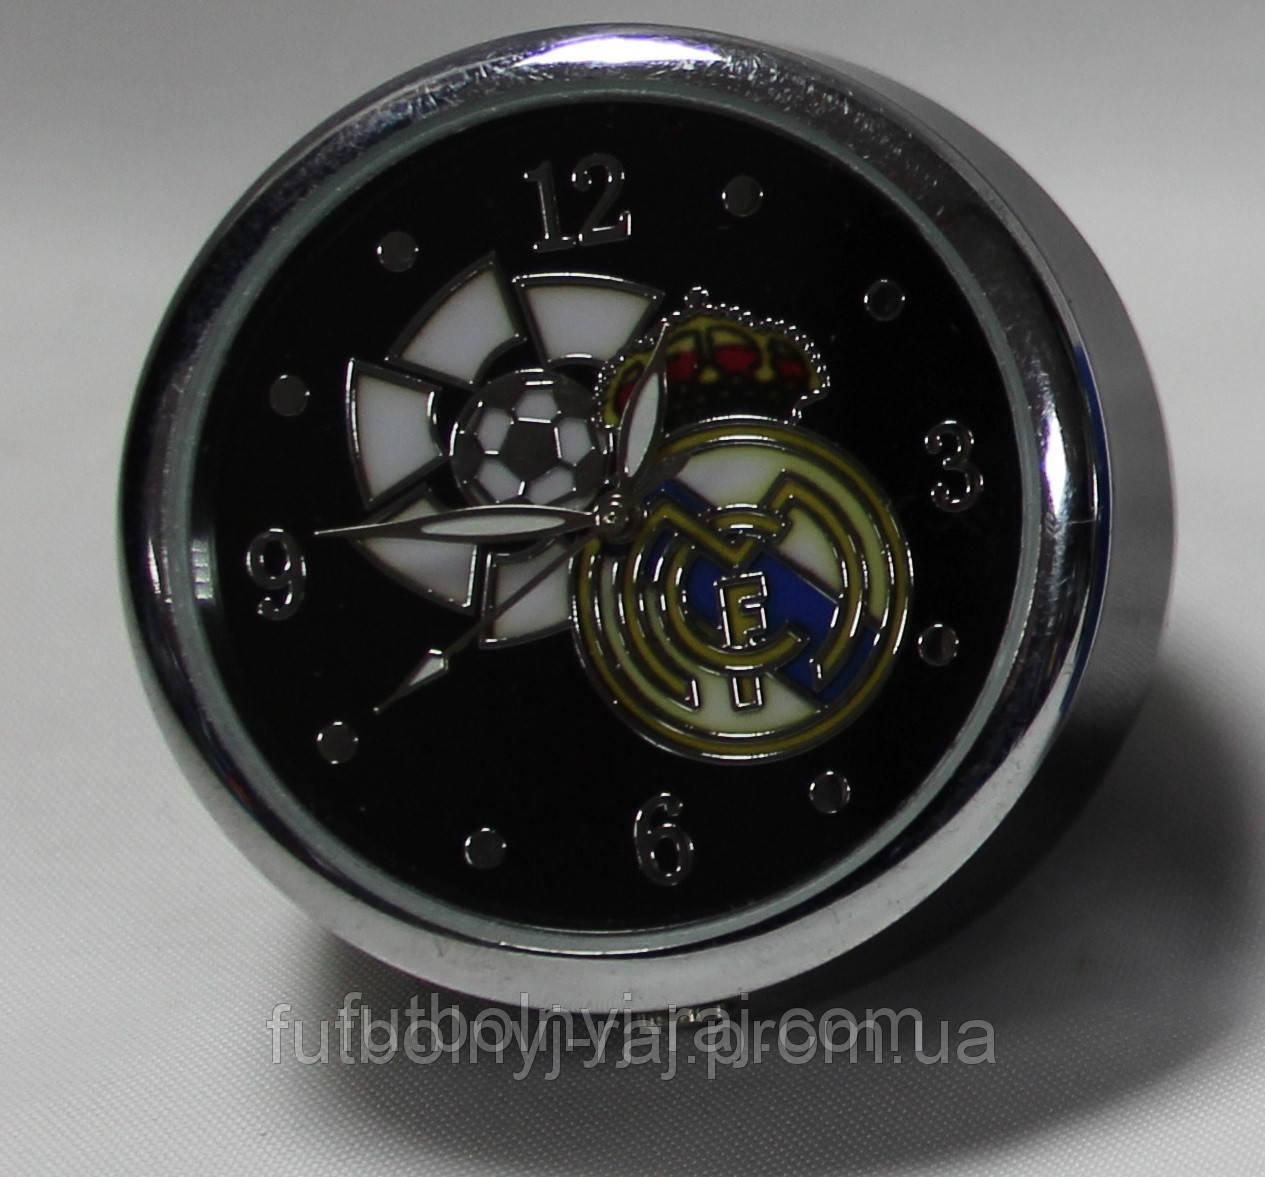 Годинники настільні круглі з символікою FC Real